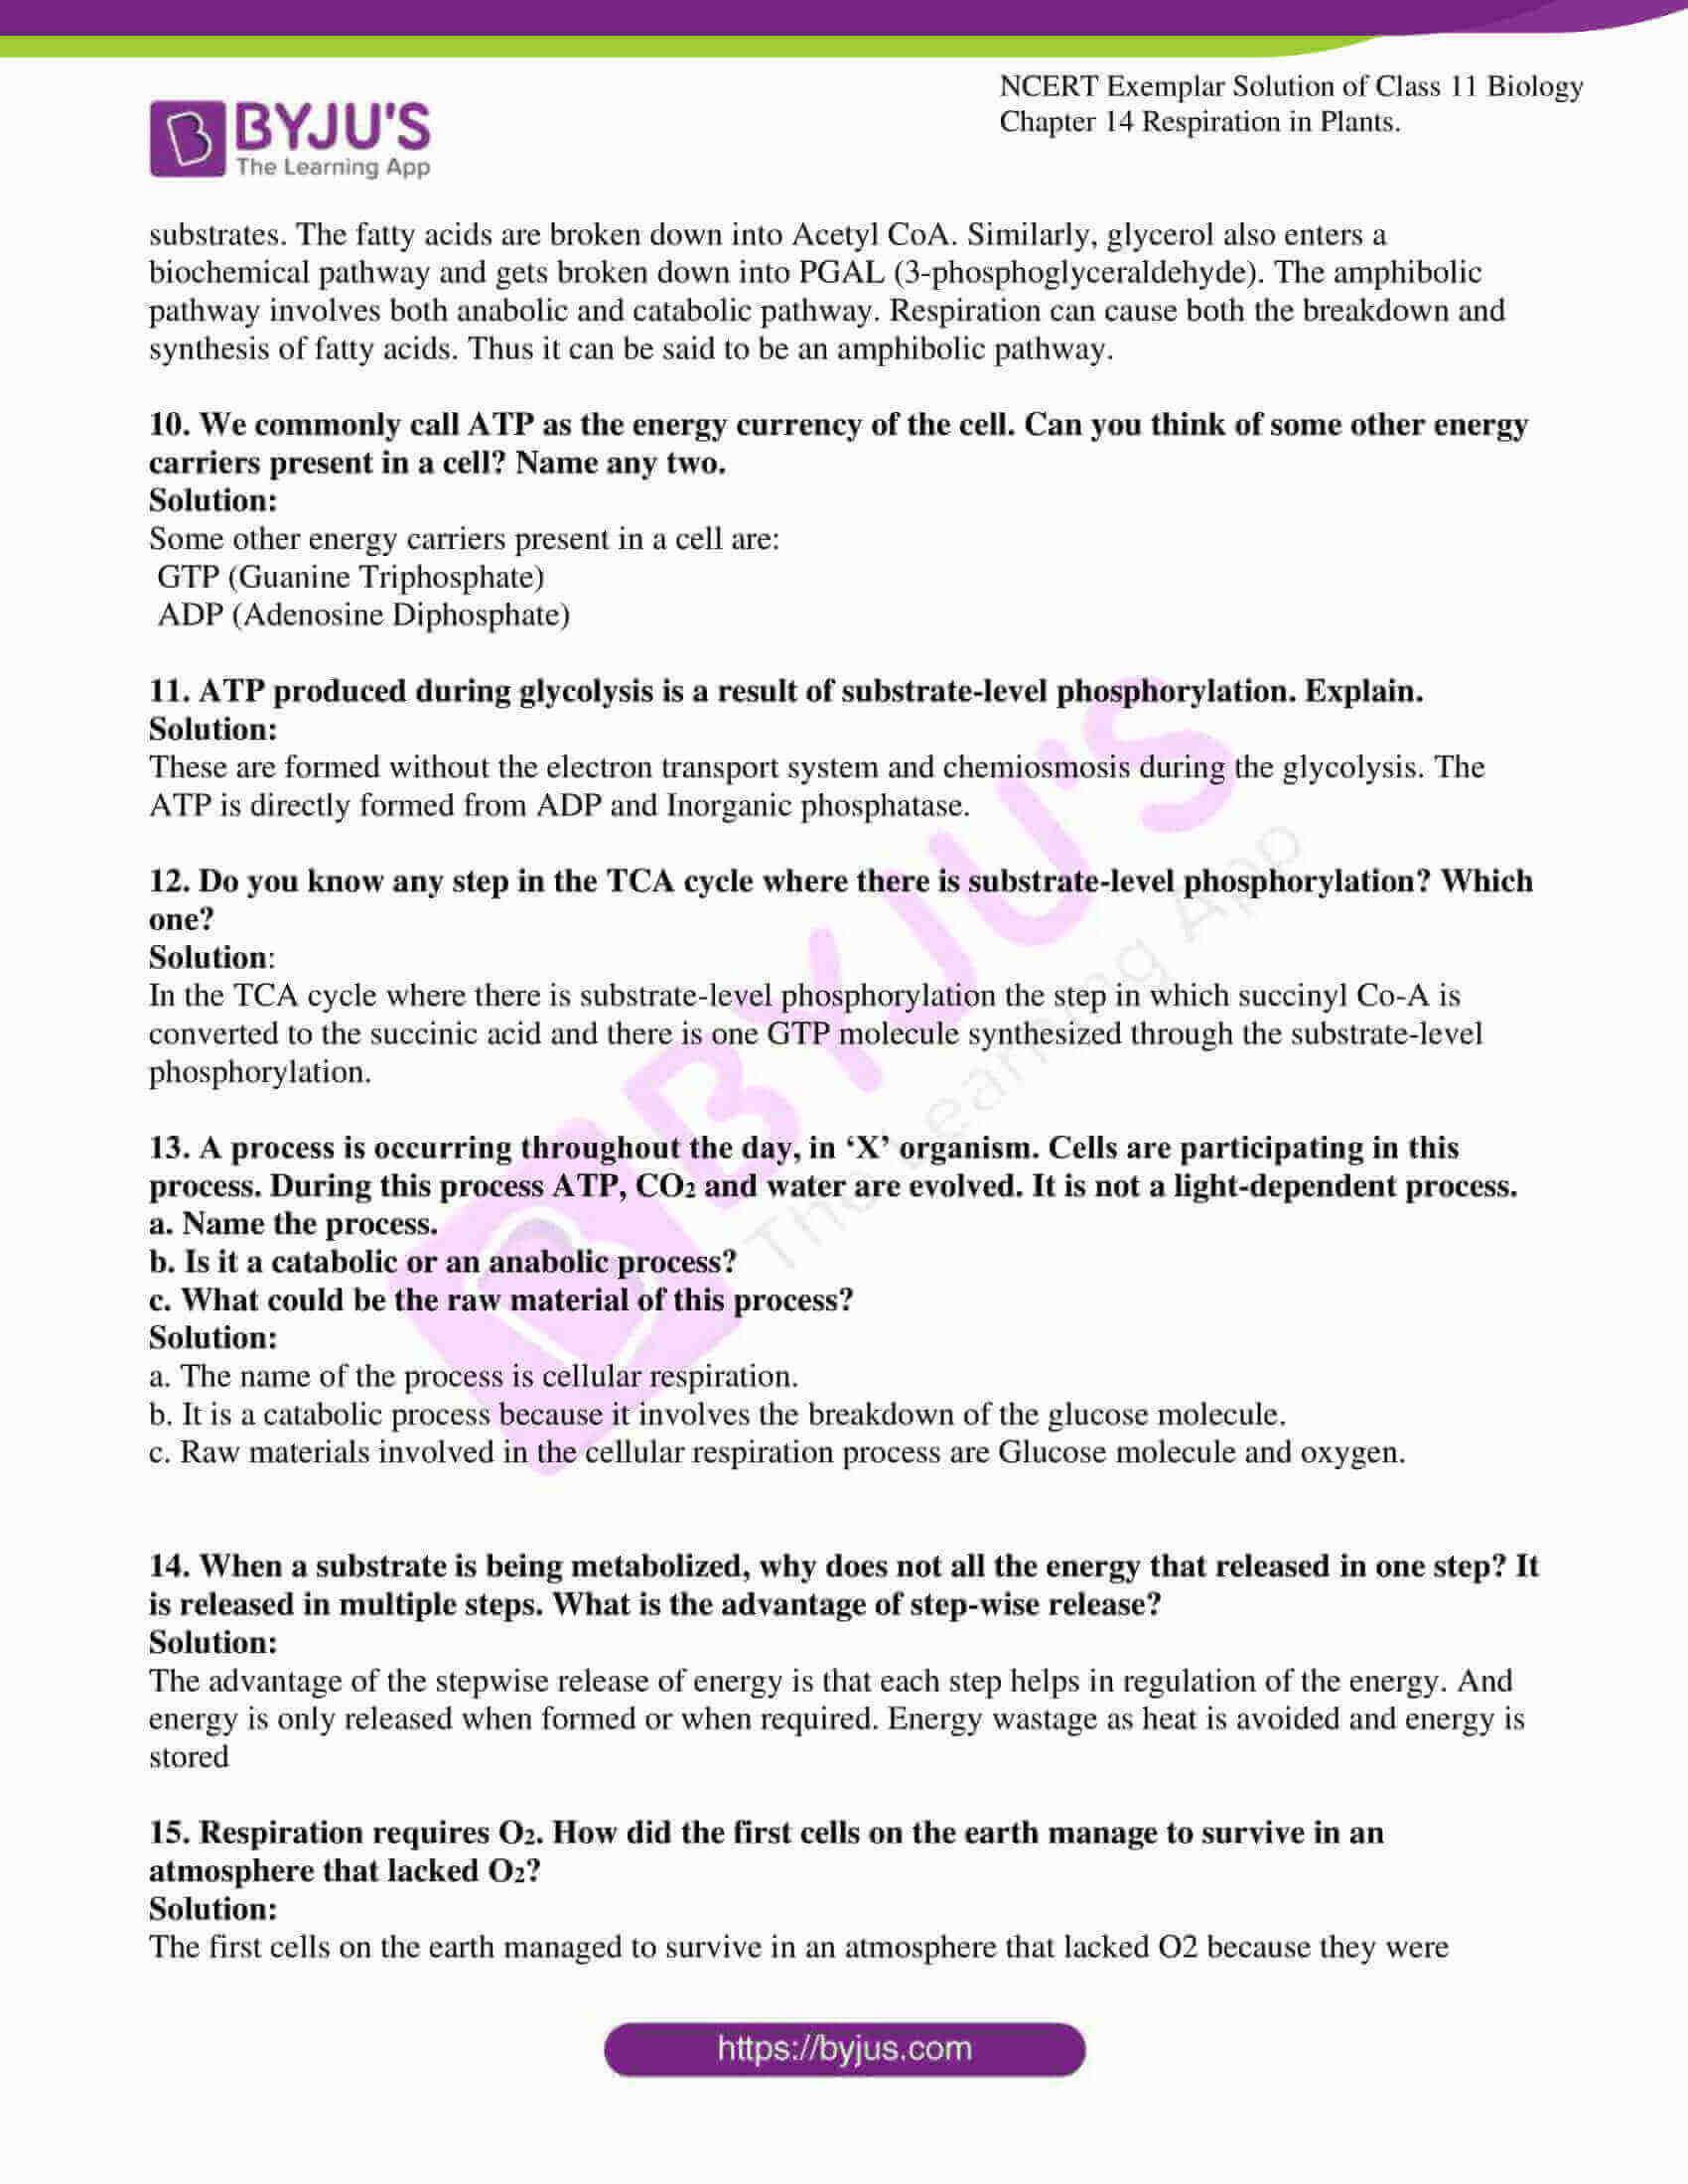 ncert exemplar solutions class 11 biology chapter 14 08